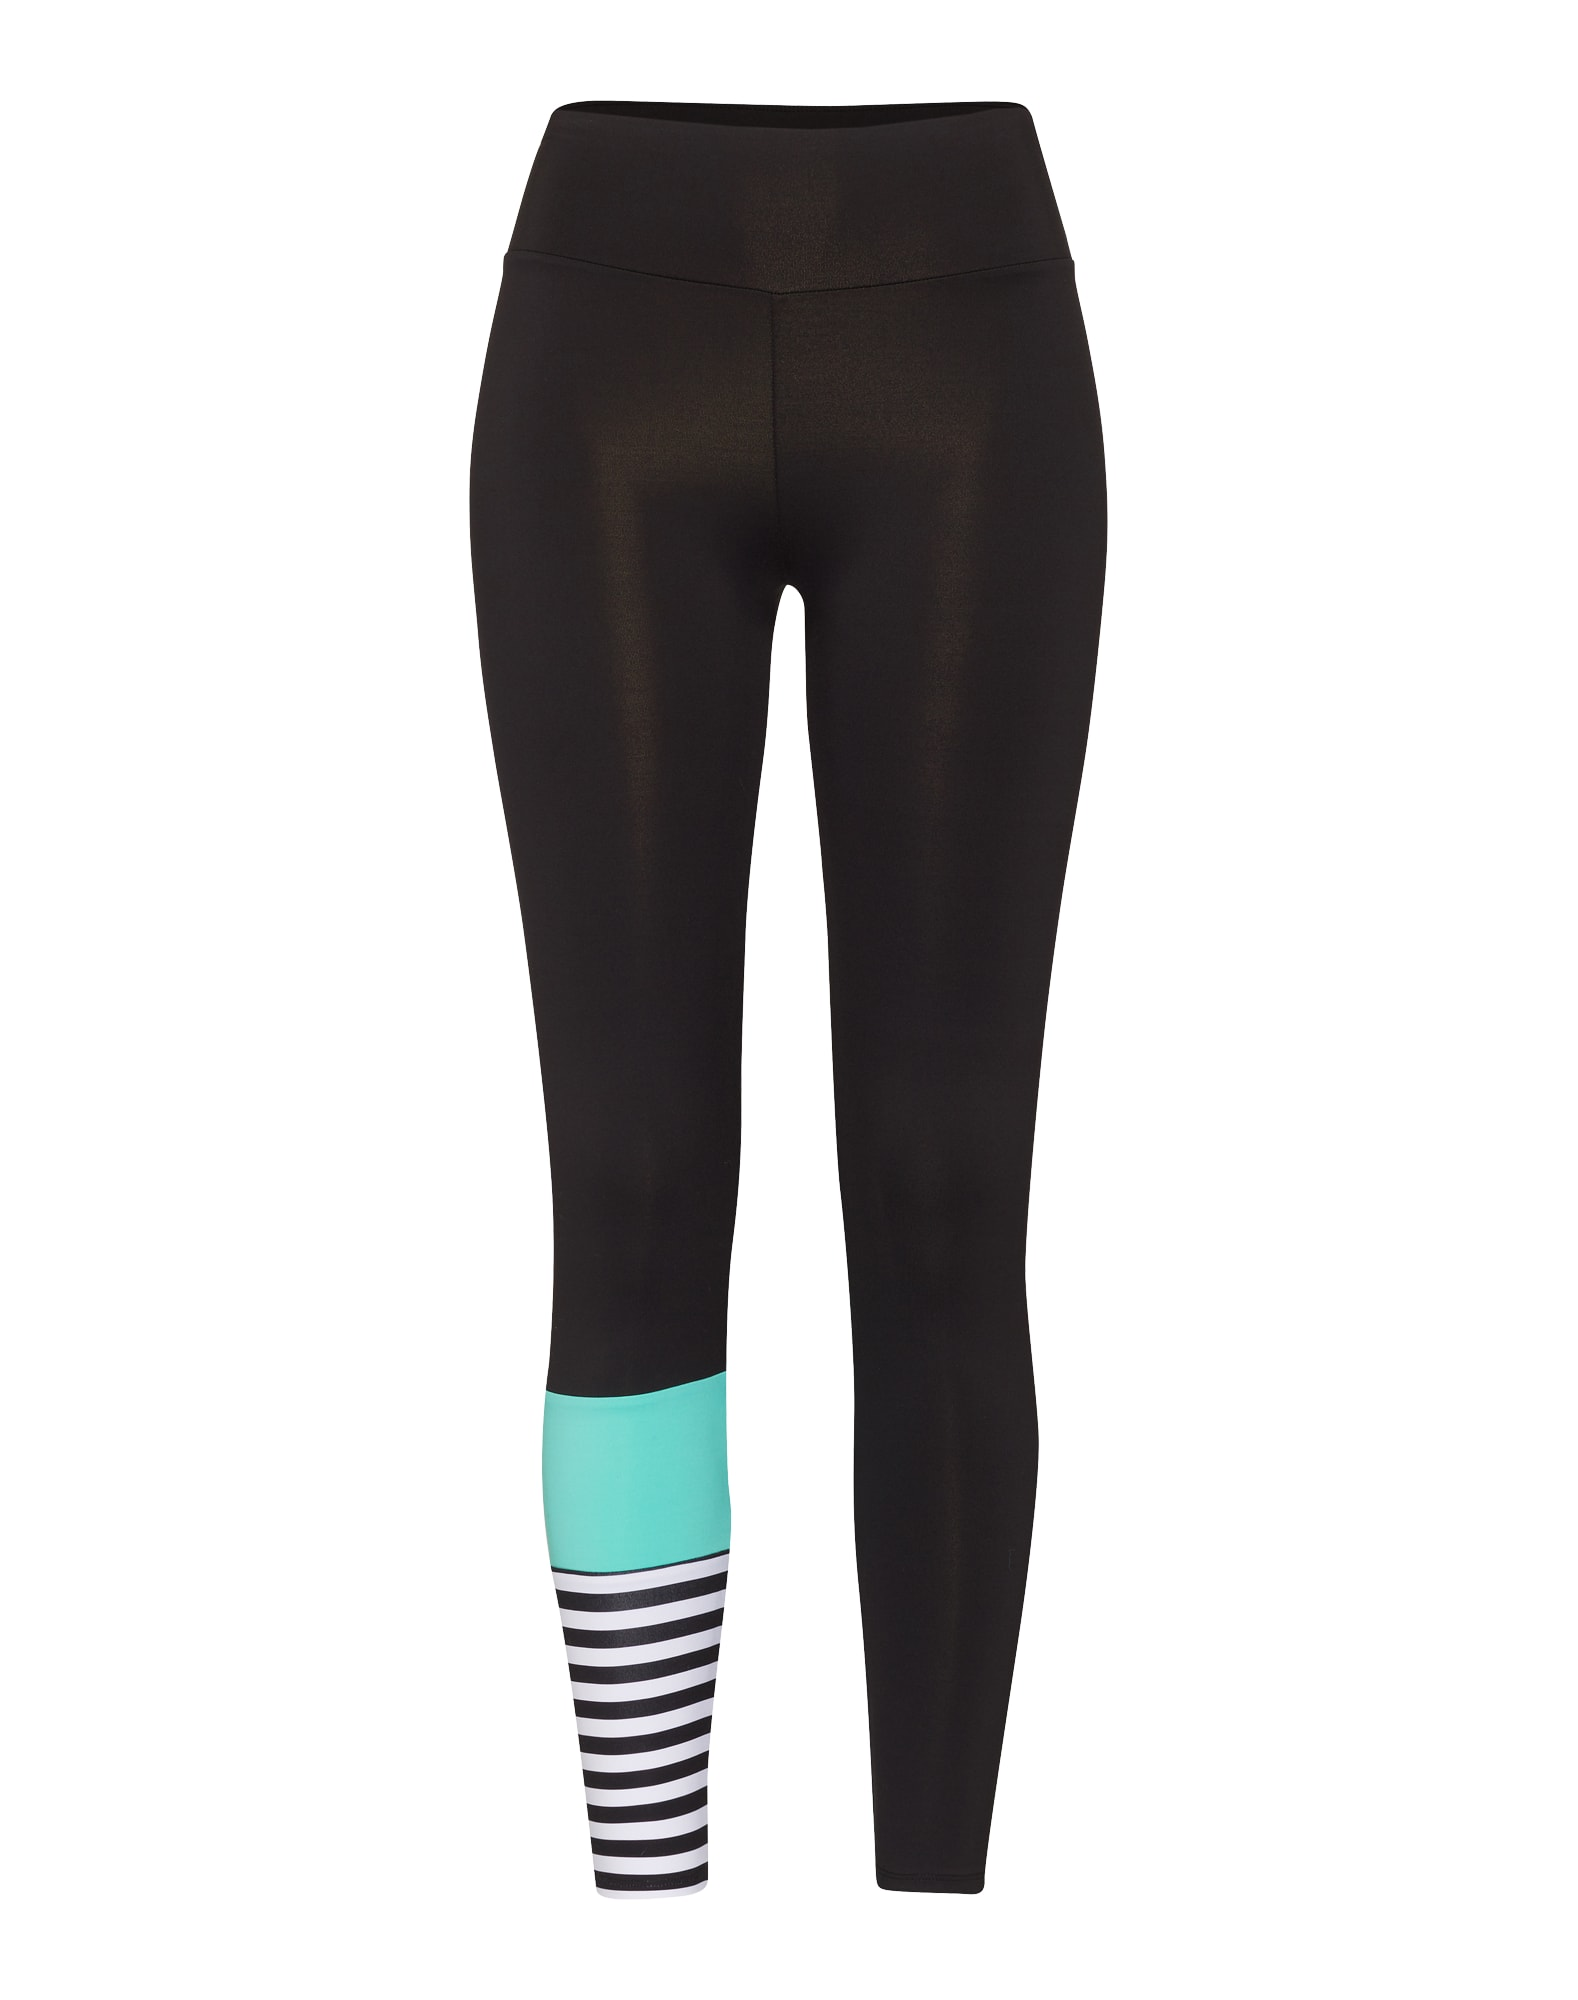 Outdoorové kalhoty Surf Style Turquoise tyrkysová černá bílá Hey Honey